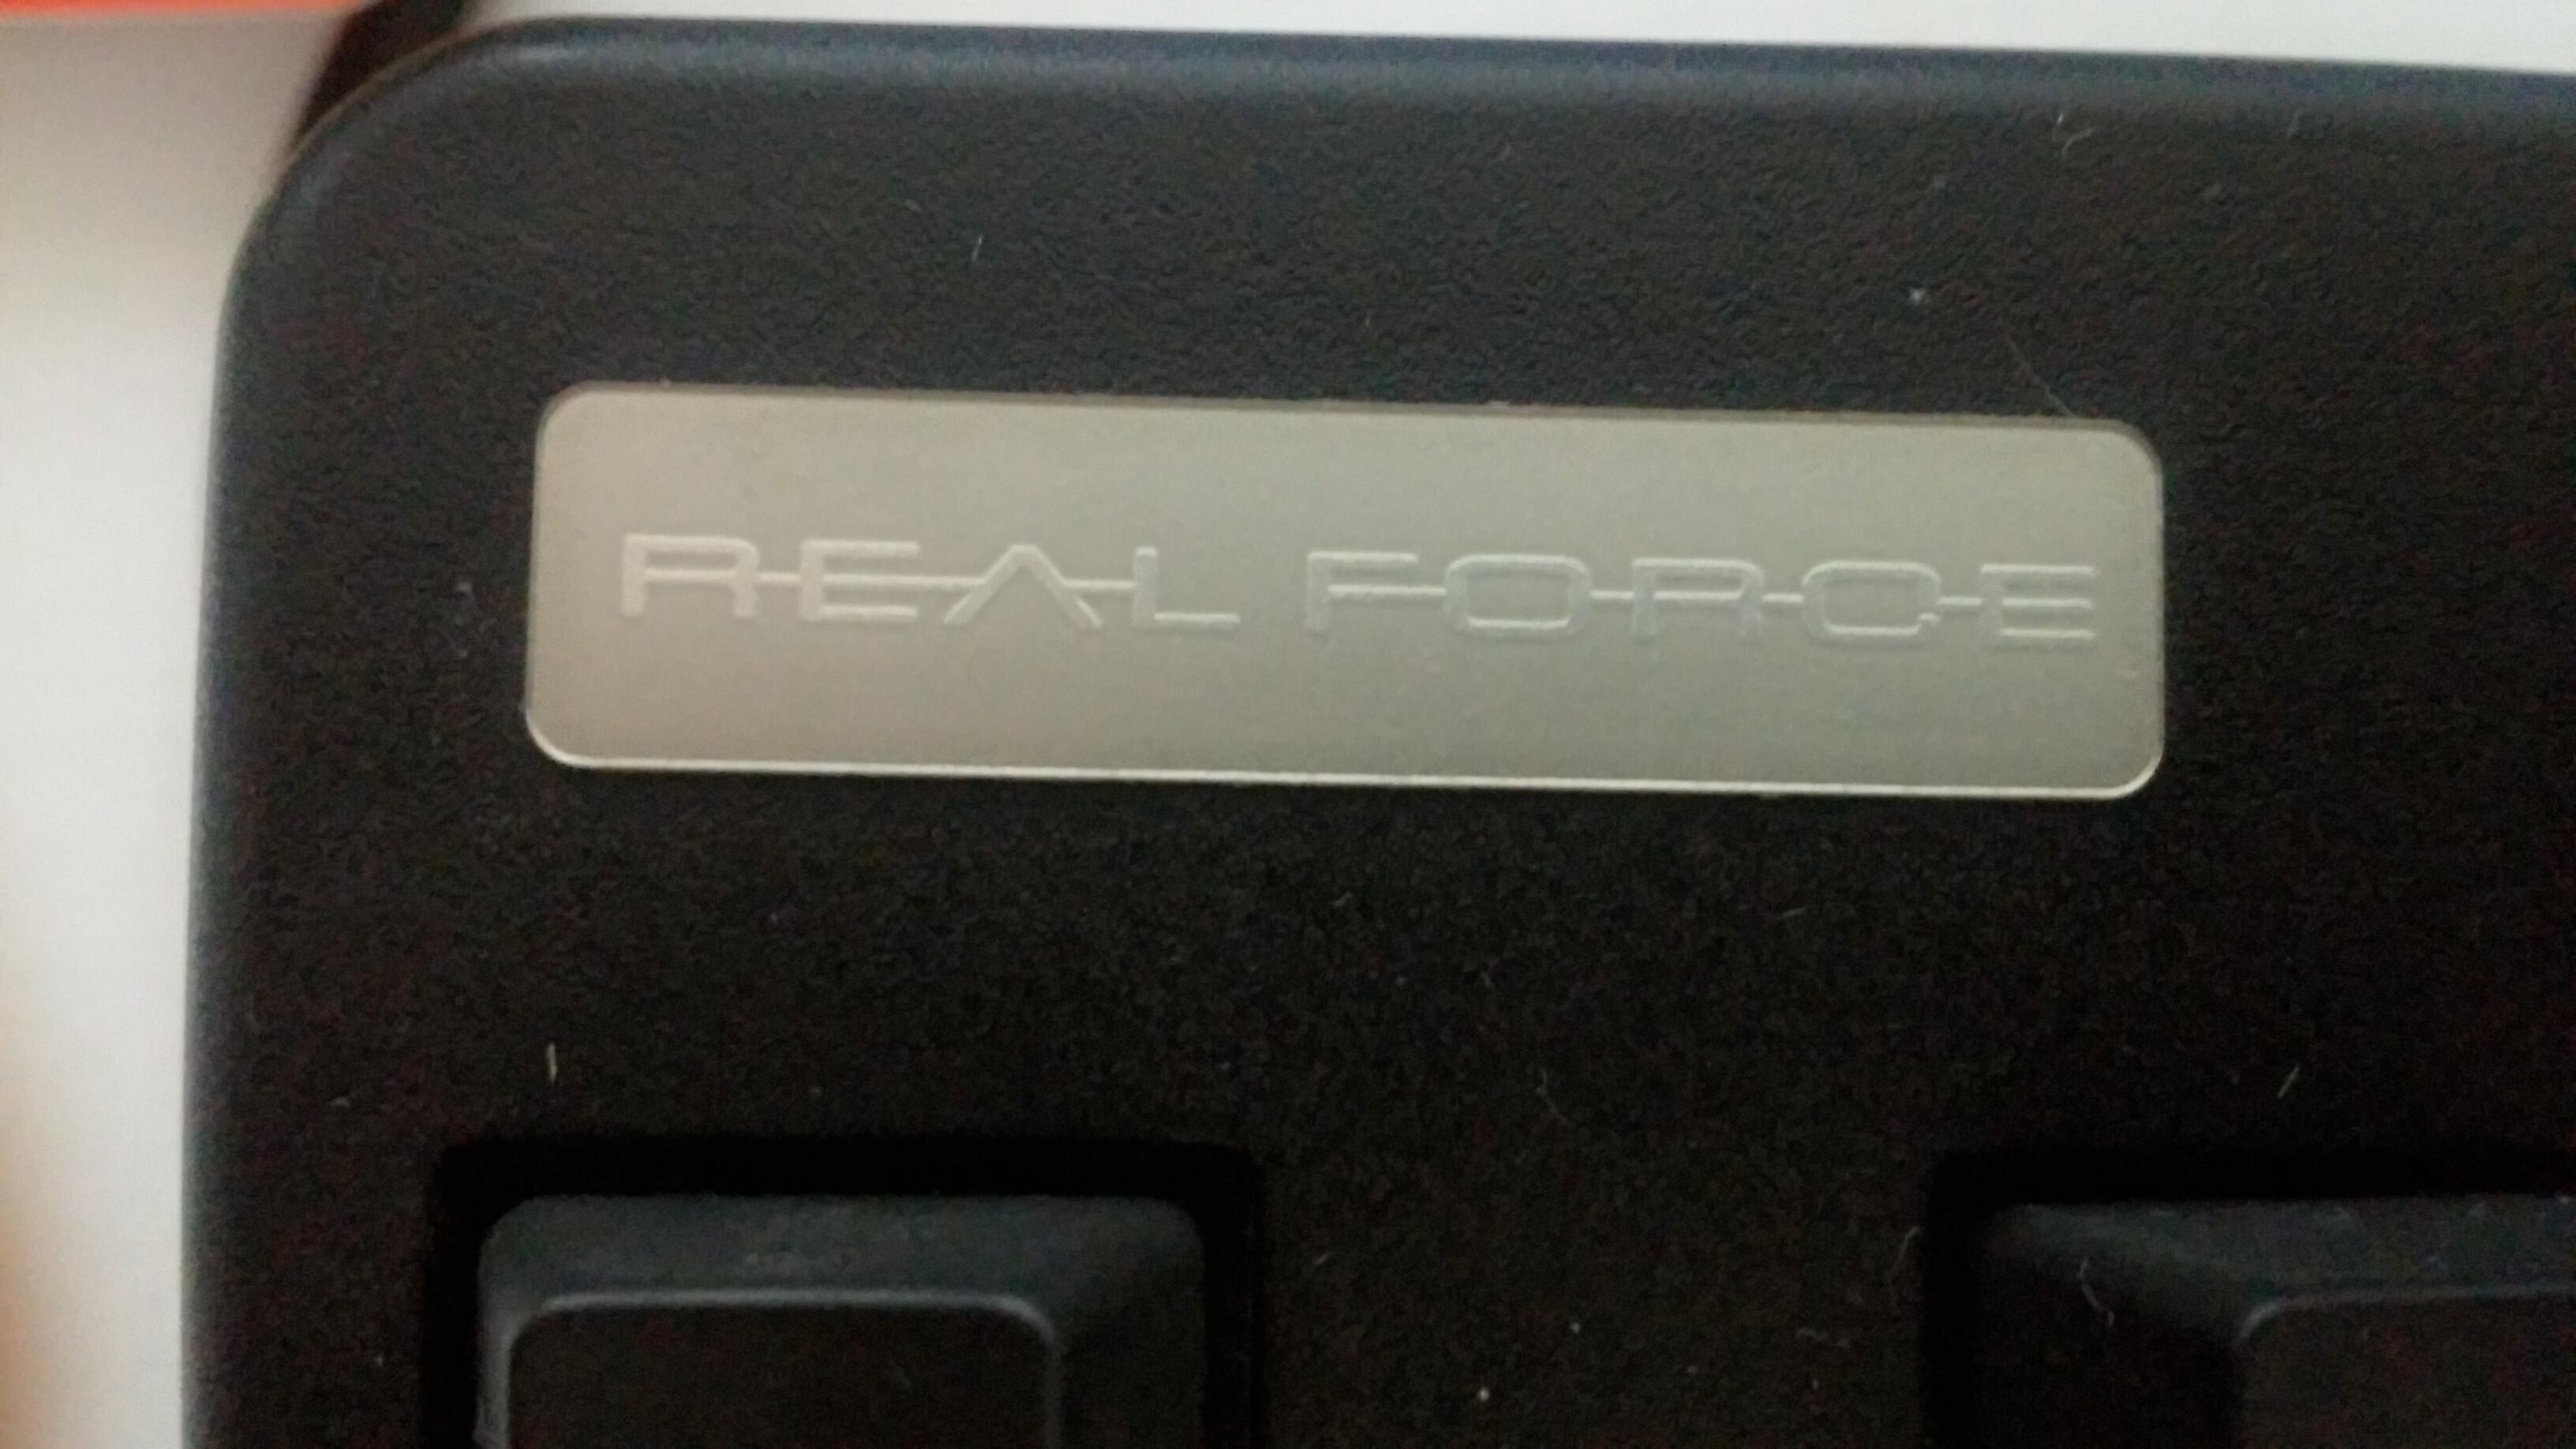 Topre Realforce 101 Black